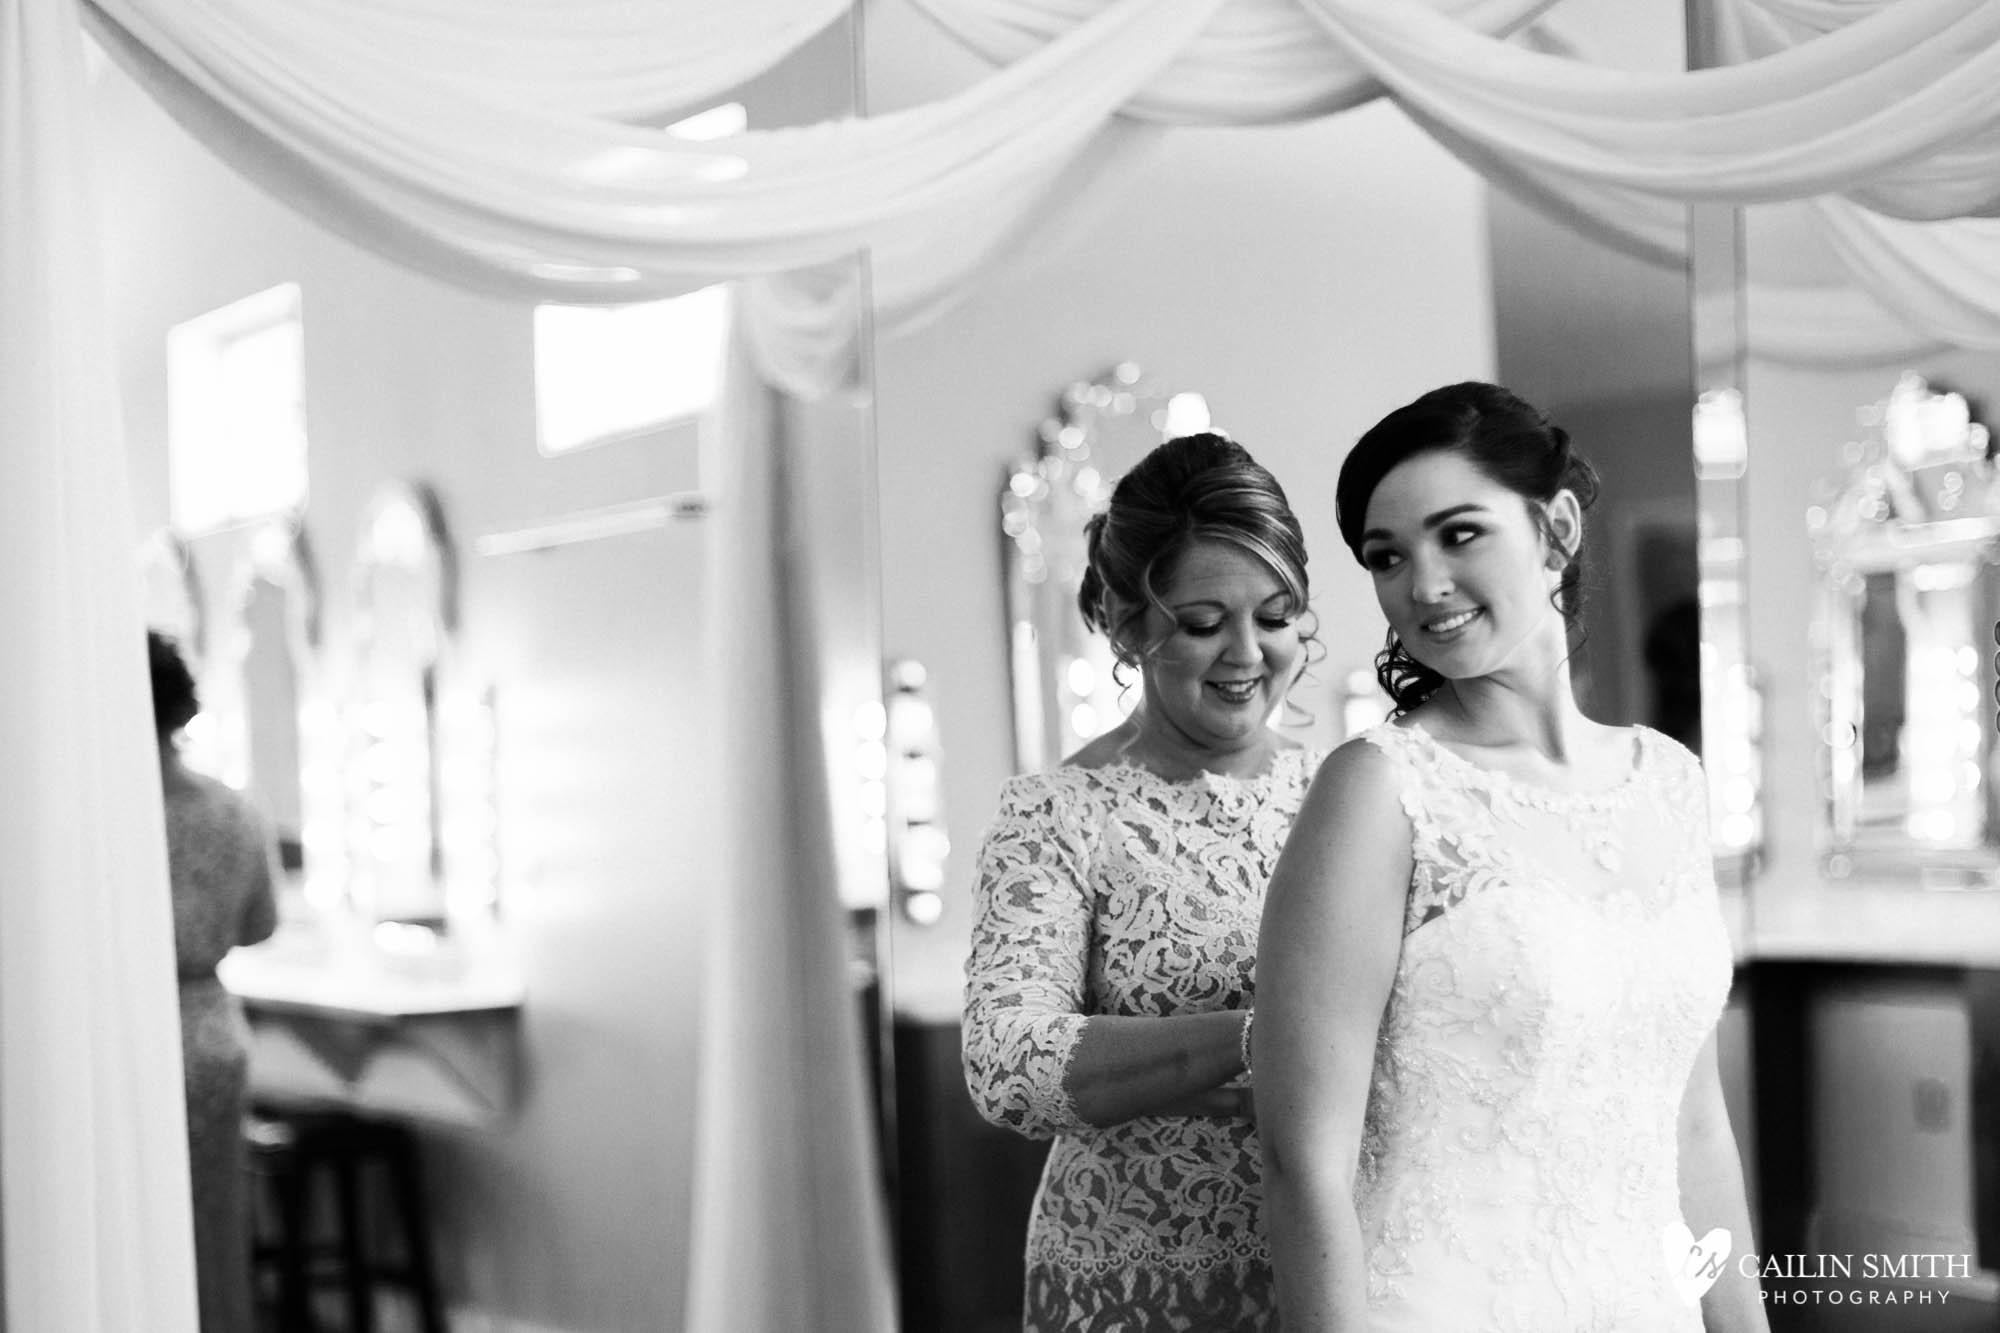 Bethany_Kyle_Bowing_Oaks_Plantation_Wedding_Photography_0013.jpg